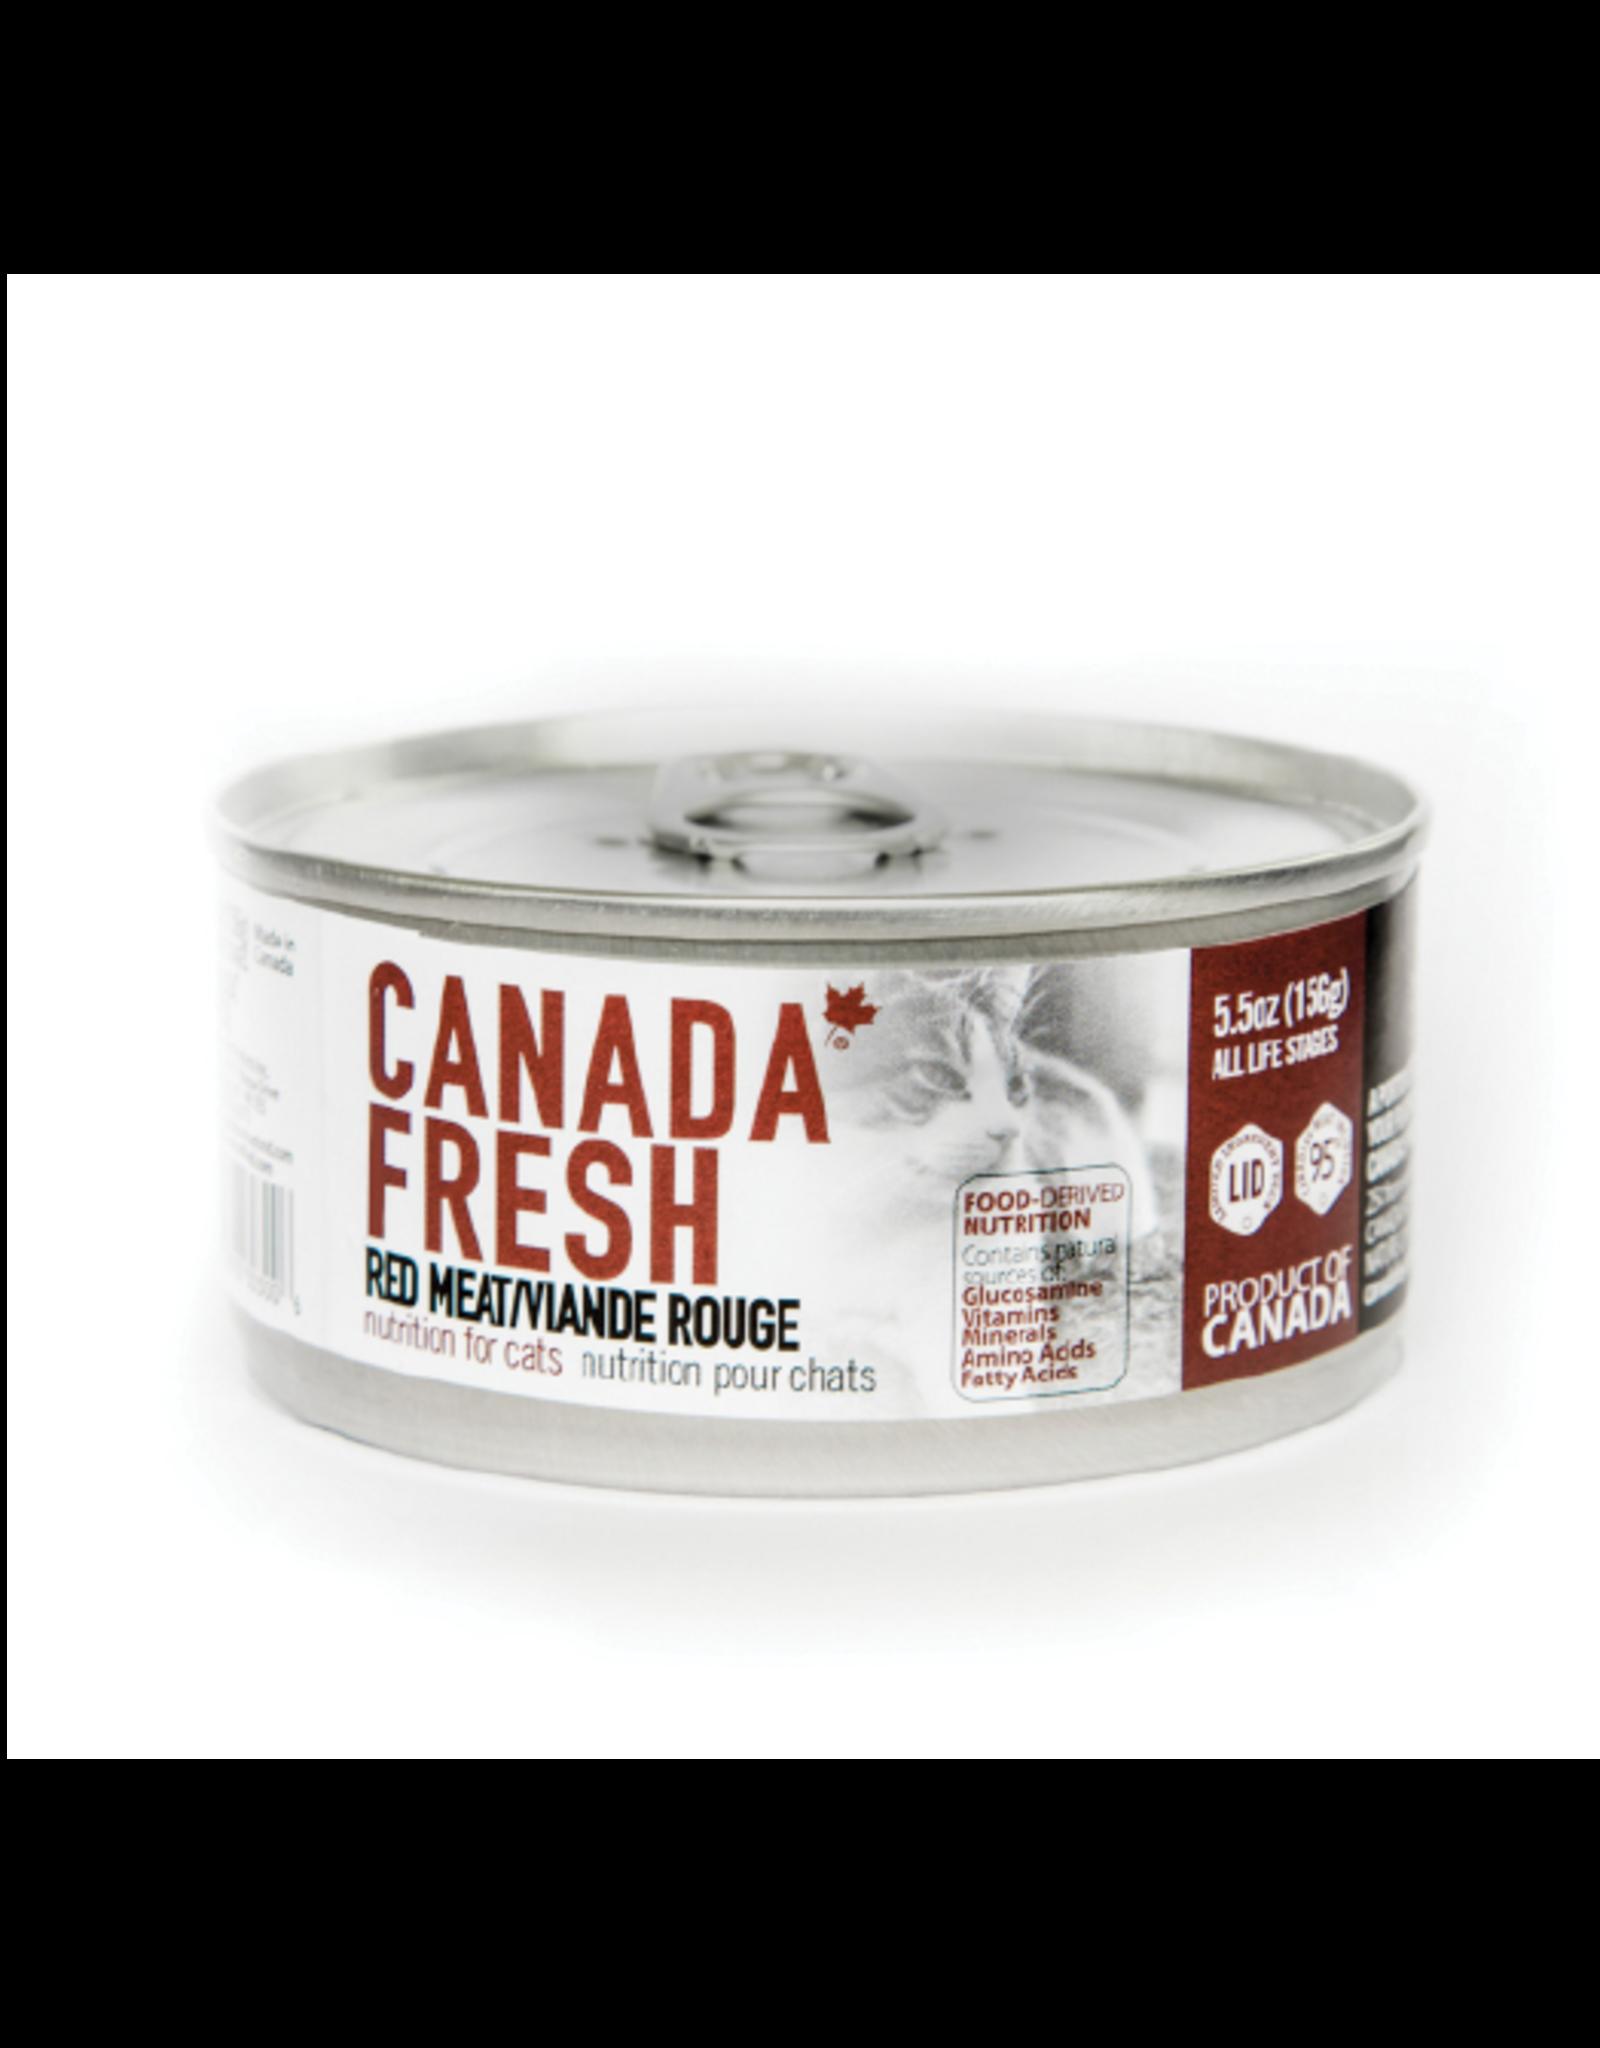 PETKIND CanadaFresh CAT Red Meat 5.5oz